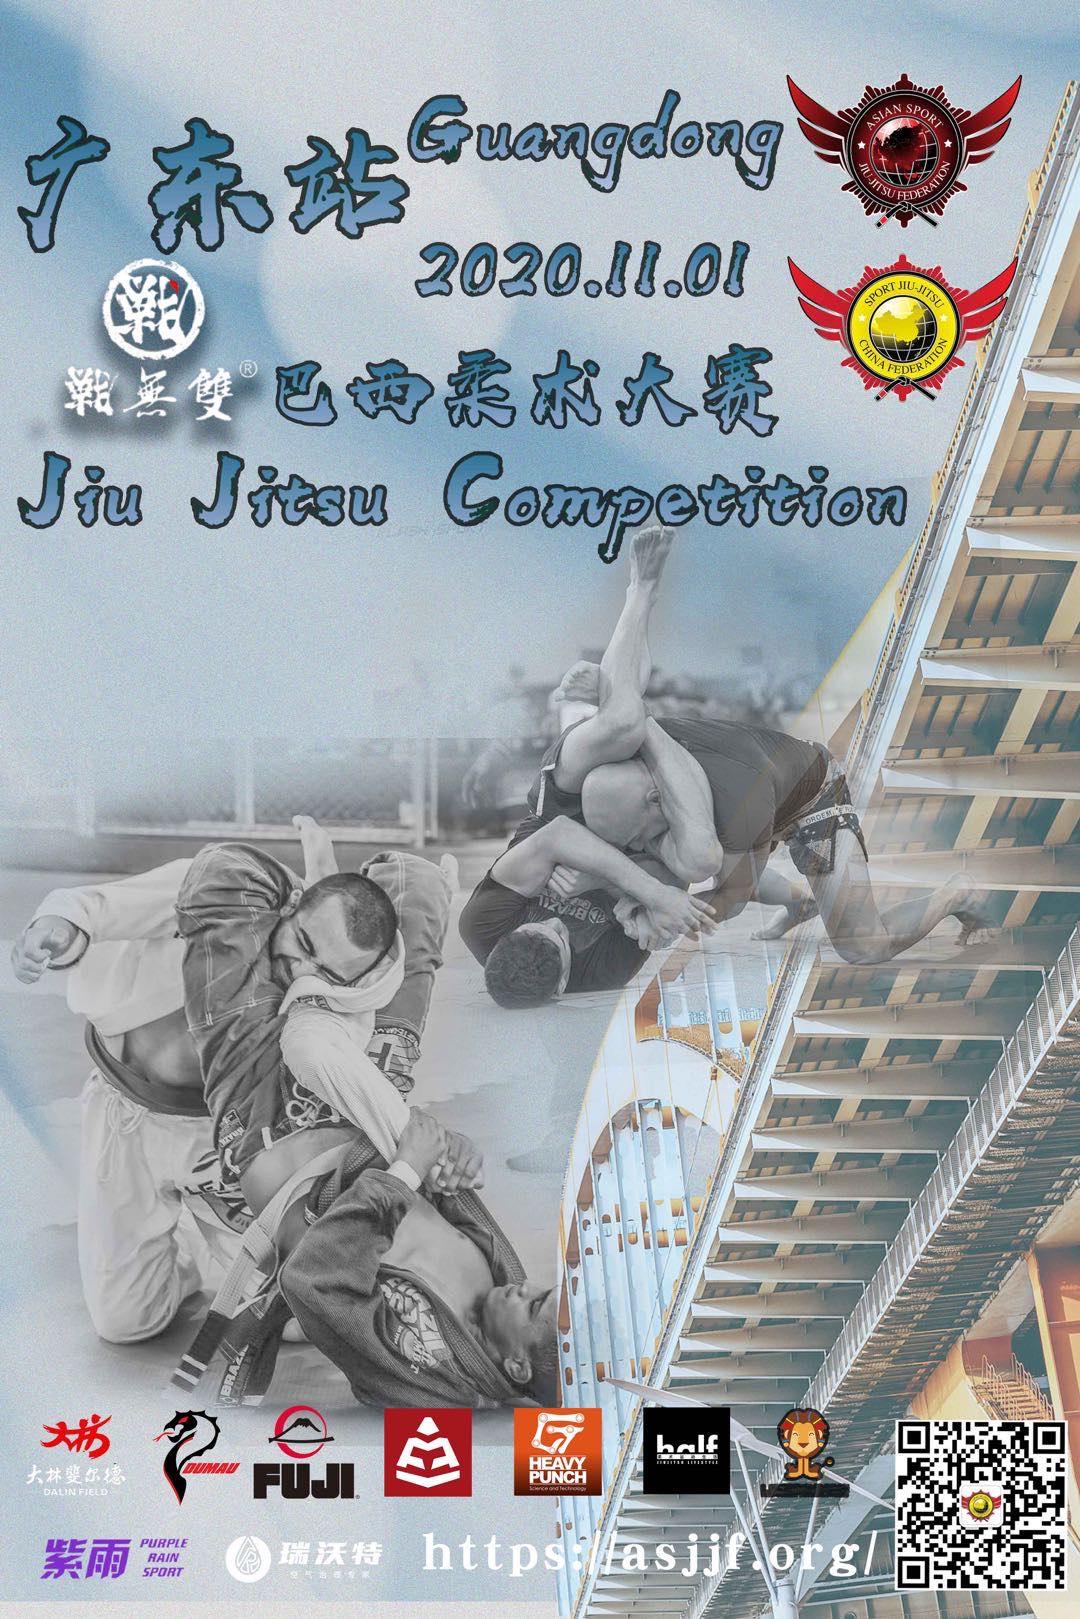 SJJCF Guangdong Jiu Jitsu Championship 2020